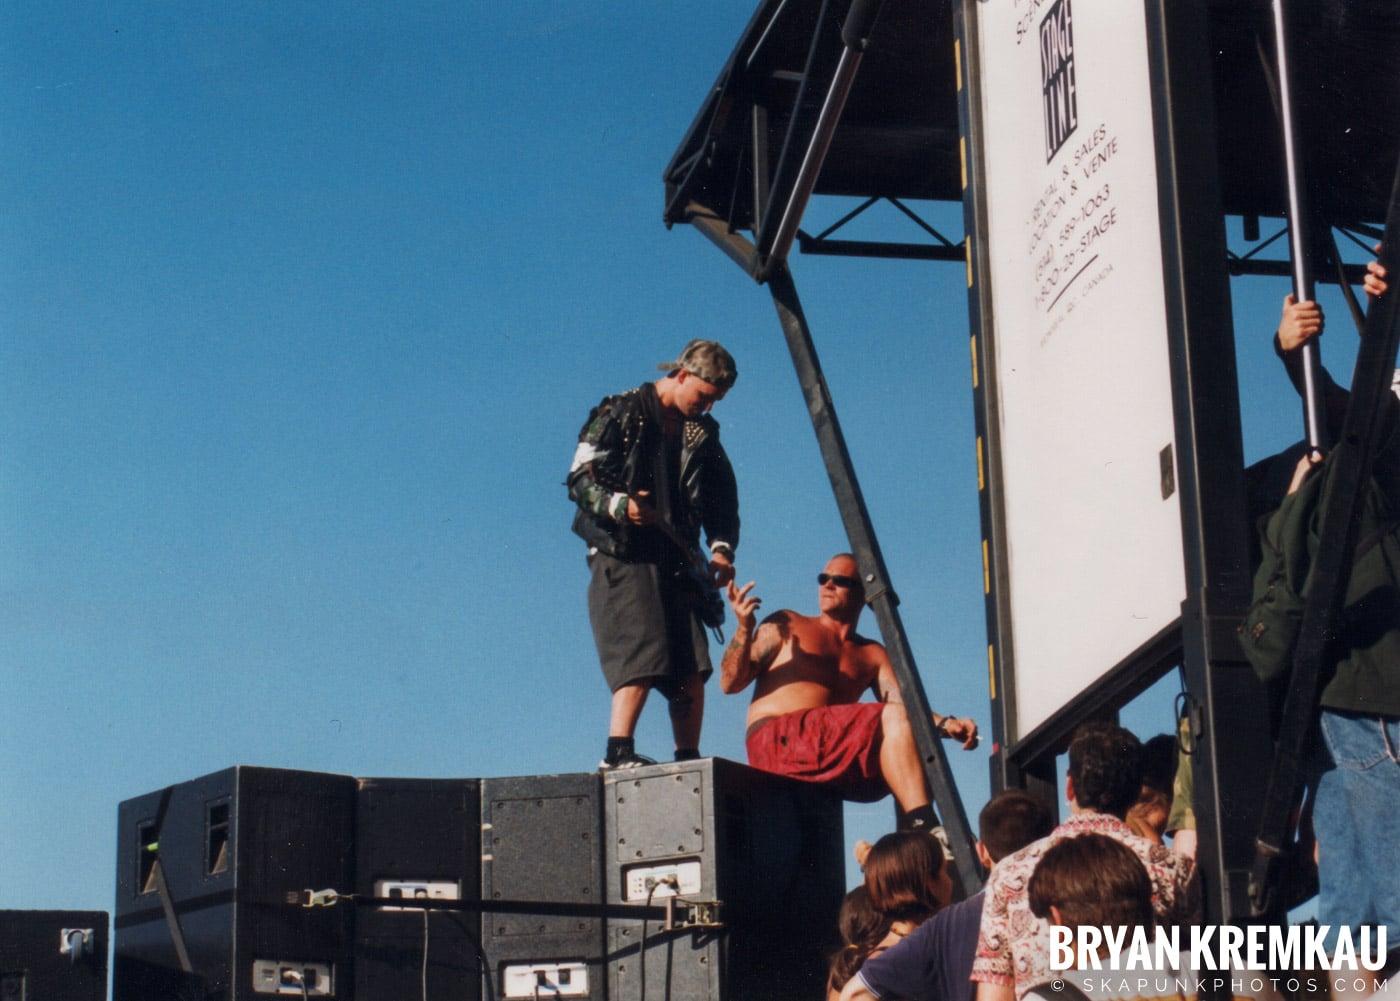 Rancid @ Vans Warped Tour, Randall's Island, NYC - 8.1.98 (12)